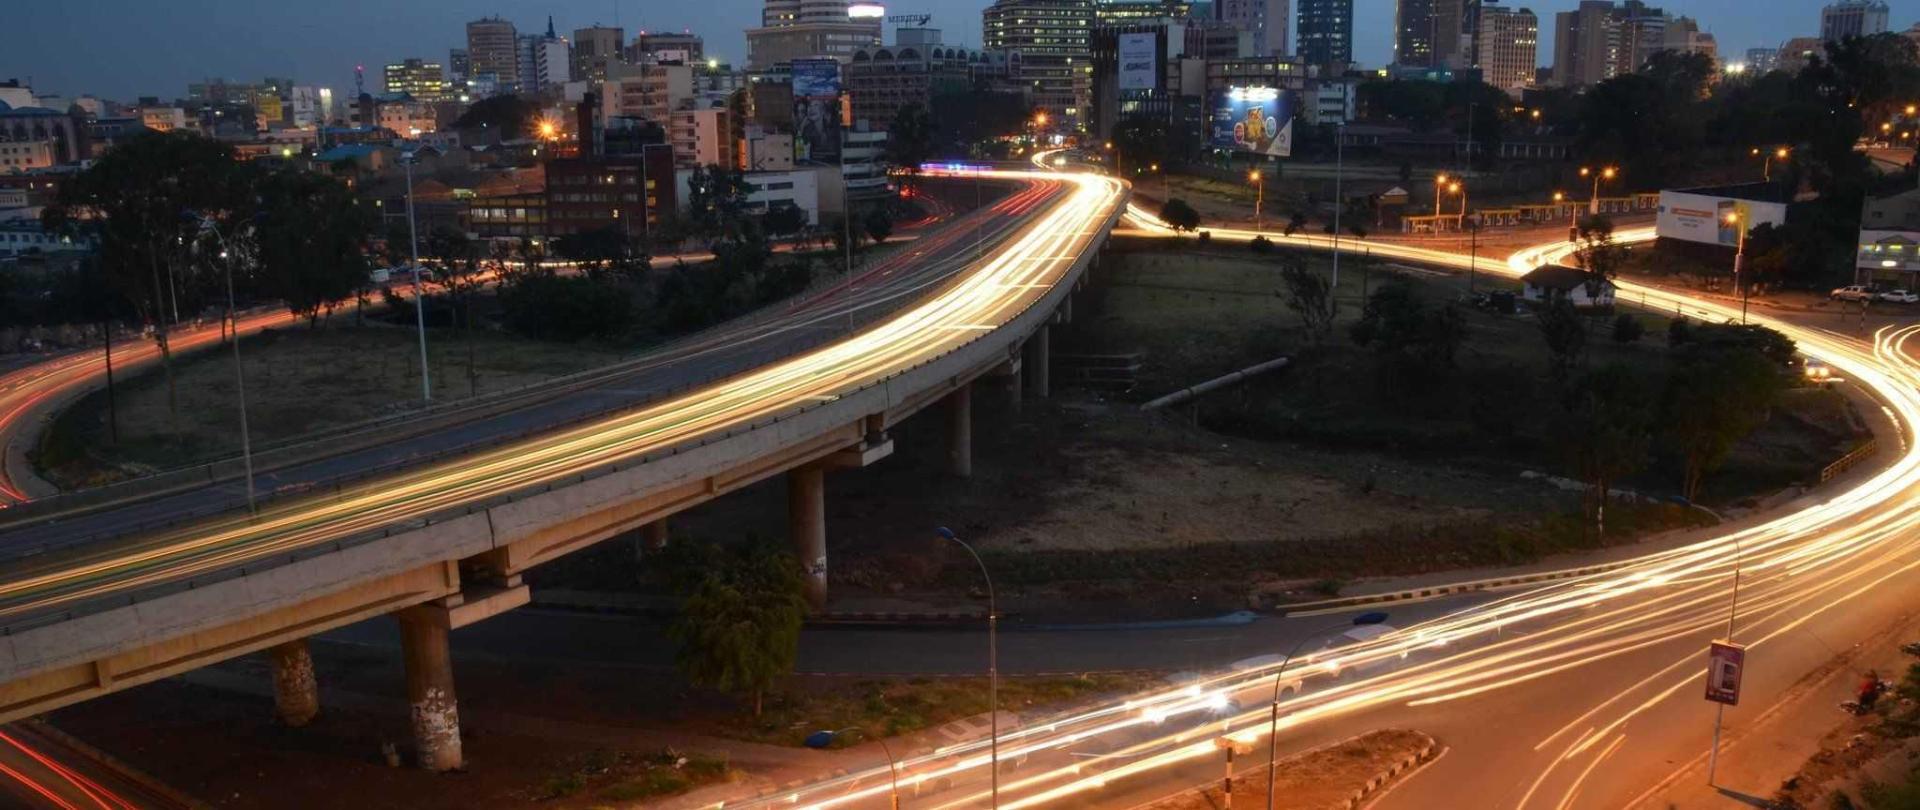 nairobi-city-1.jpg